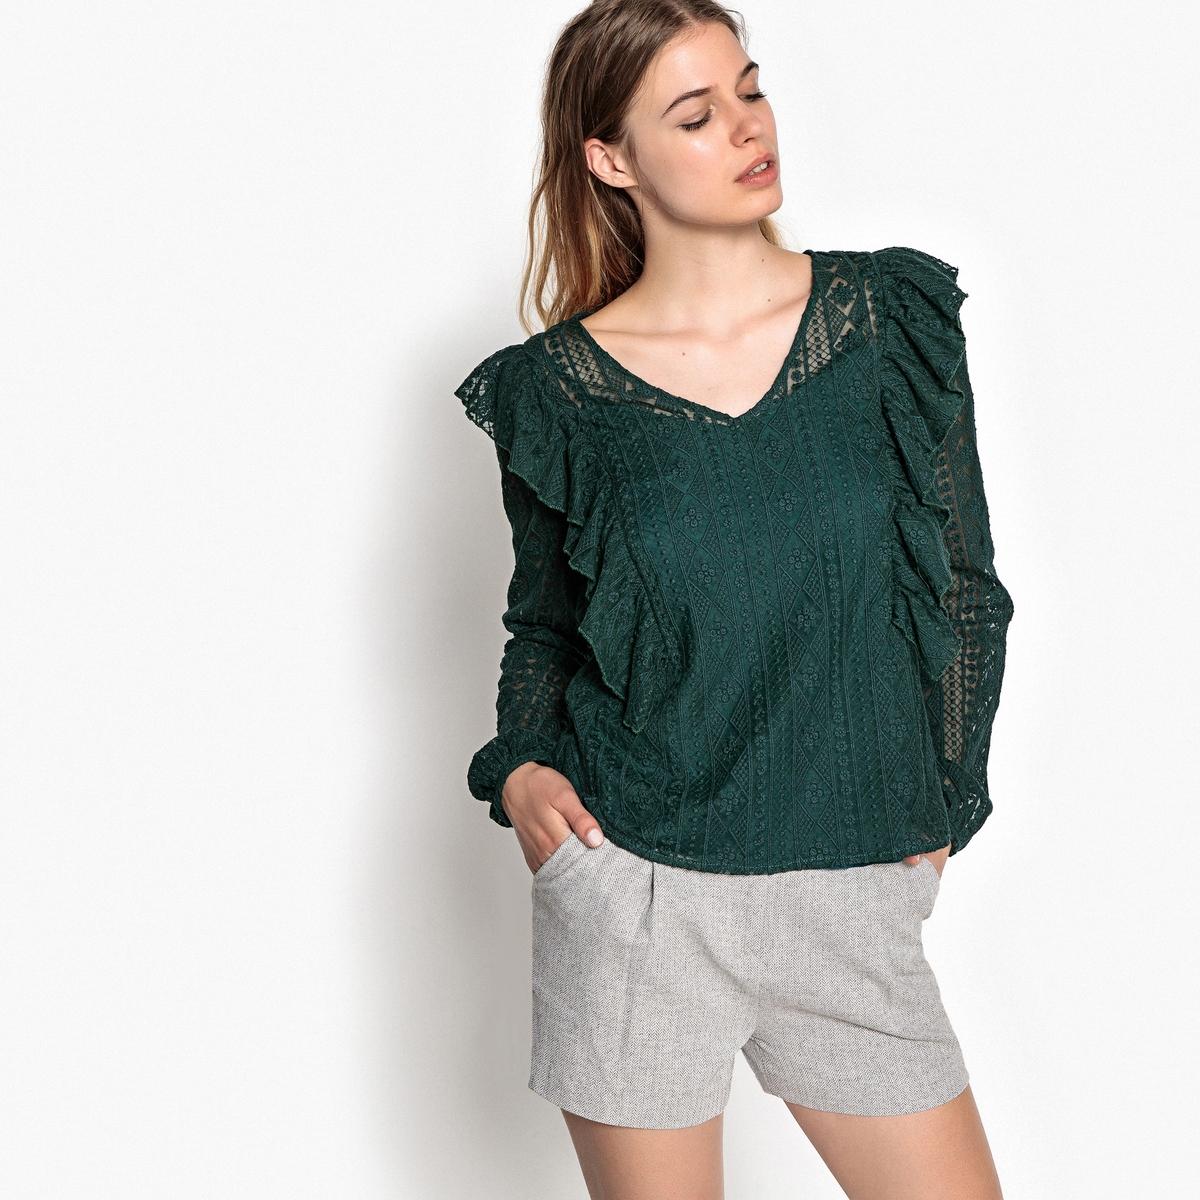 Блузка однотонная с V-образным вырезом и длинными рукавами lovaru ™ 2015 летом стиль женщин моды платье с длинными рукавами v образным вырезом высокое качество мягкие и удобные платья горячей продажи